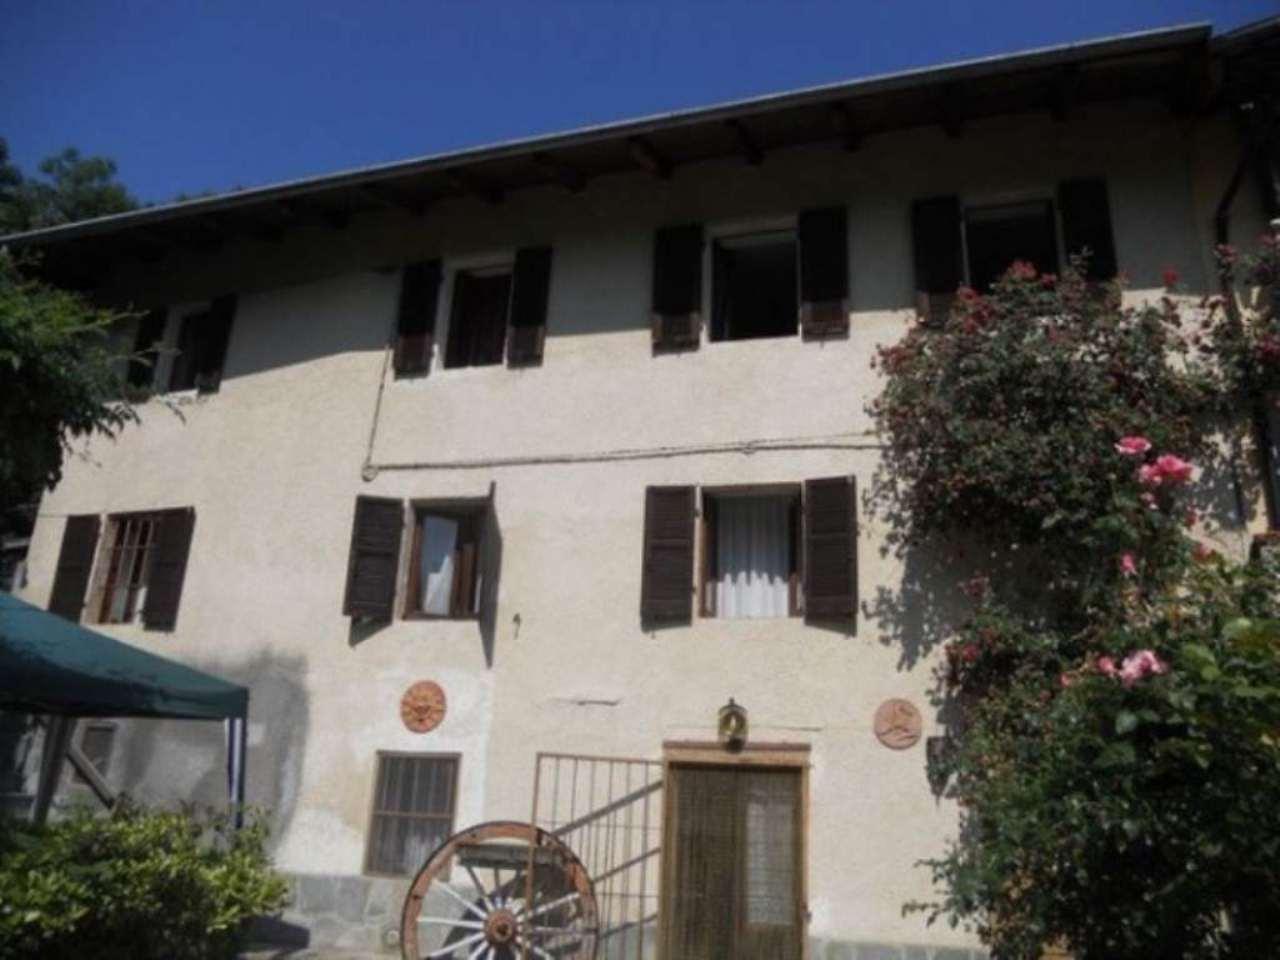 Soluzione Indipendente in vendita a Vaie, 6 locali, prezzo € 120.000 | Cambio Casa.it